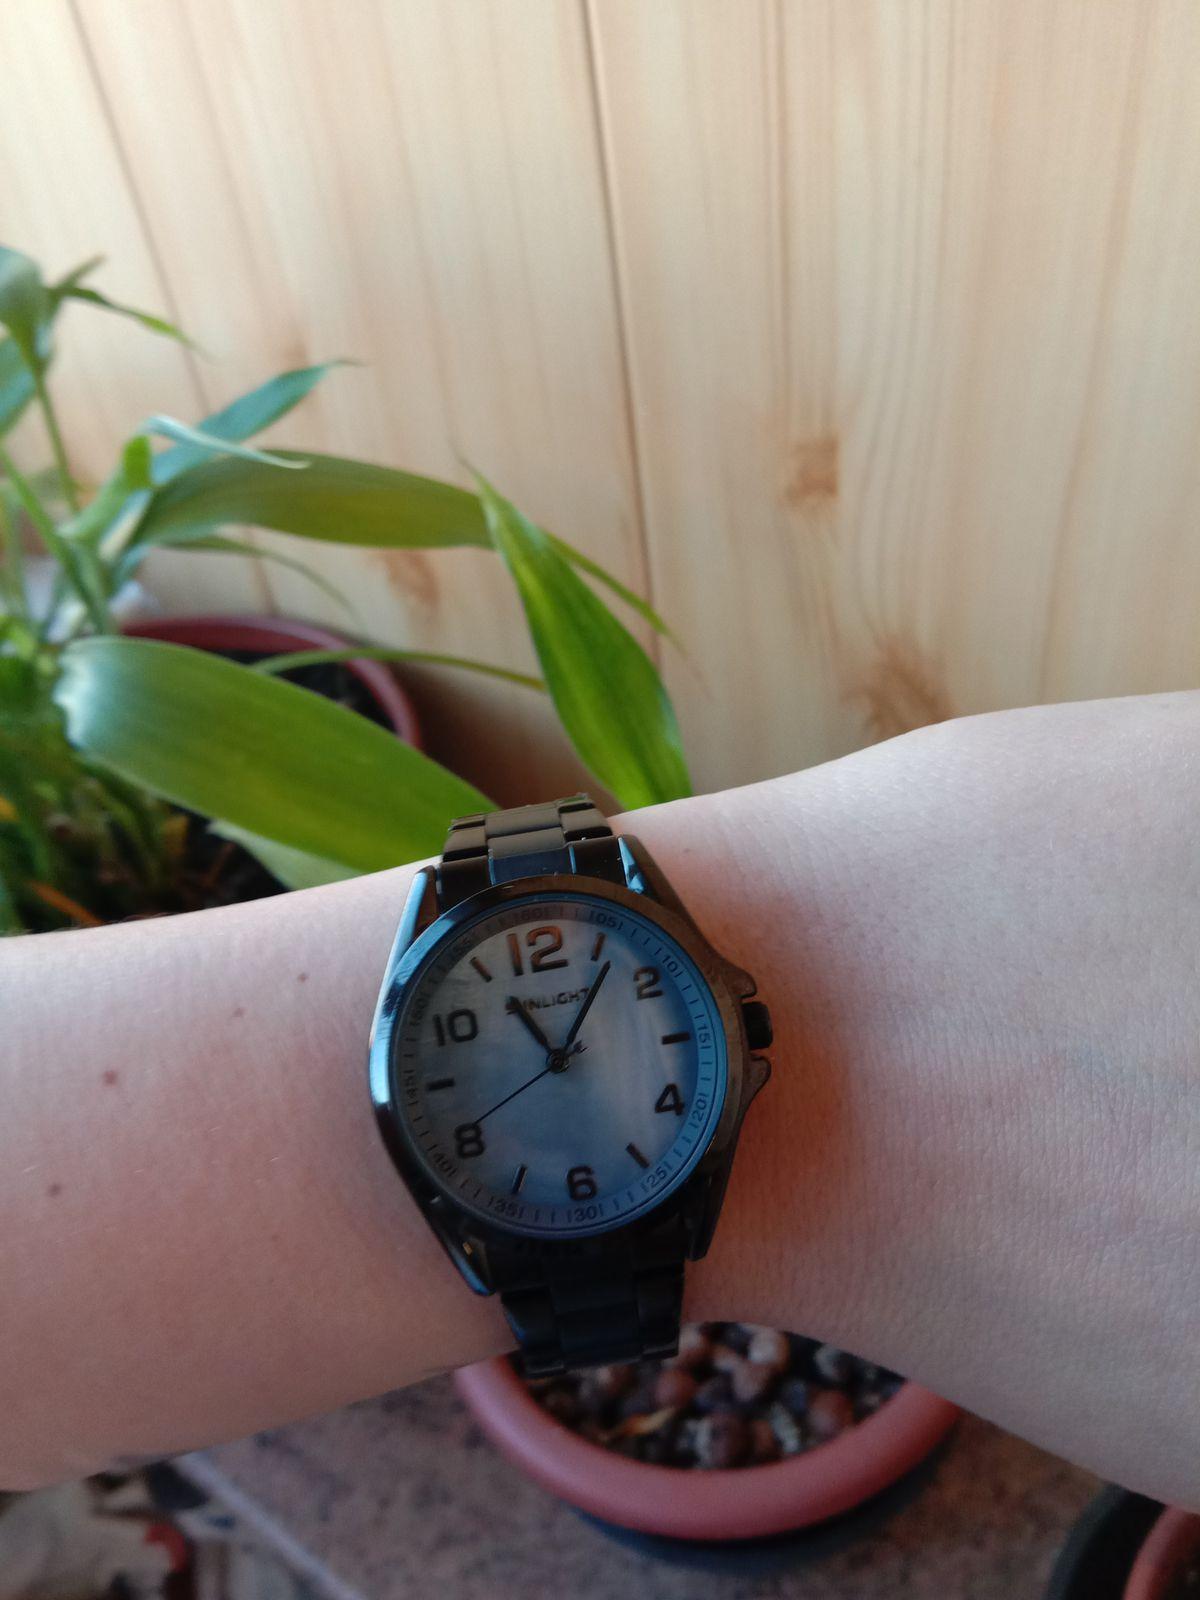 Стильные и шикарные часы, подходят под любую одежду, удобный браслет.Класс!